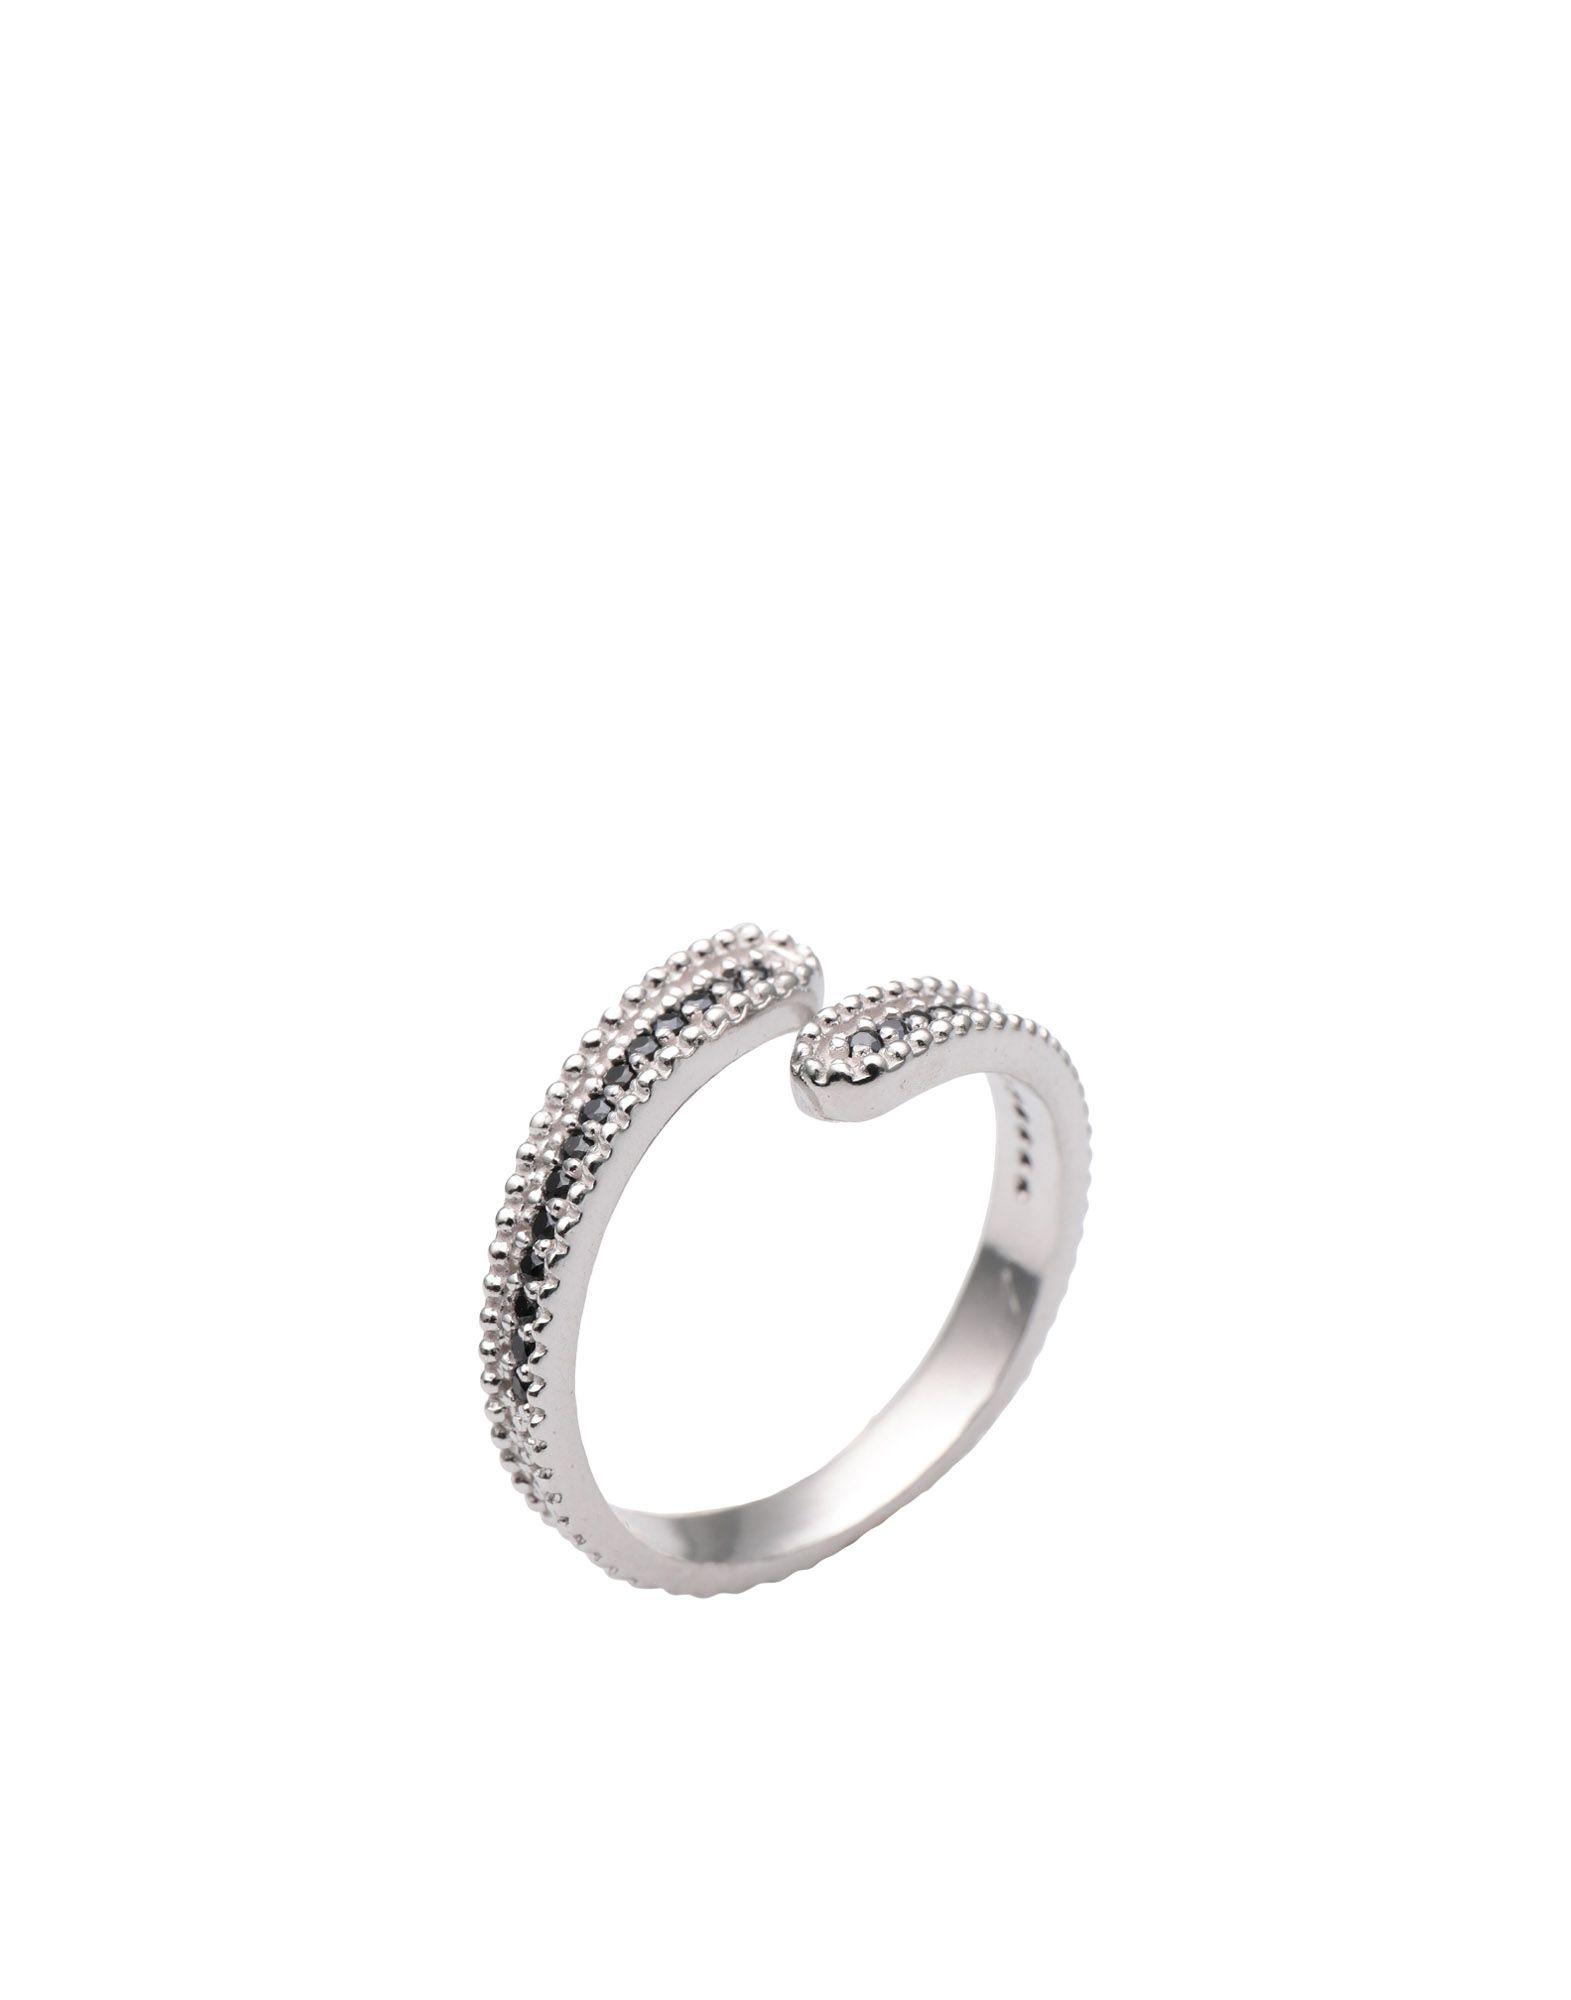 《セール開催中》FIRST PEOPLE FIRST レディース 指輪 シルバー one size シルバー925/1000 / 18金メッキ / キュービックジルコニア Concordia Zircon Ring